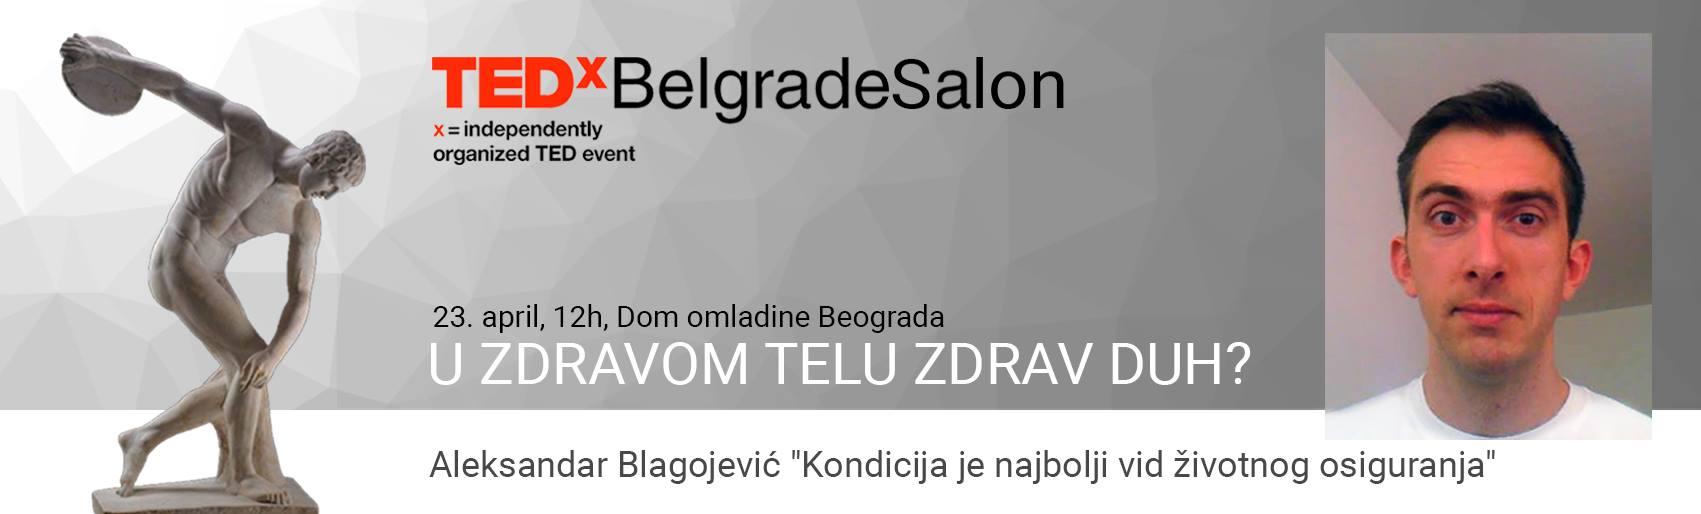 Aleksandar Blagojevic